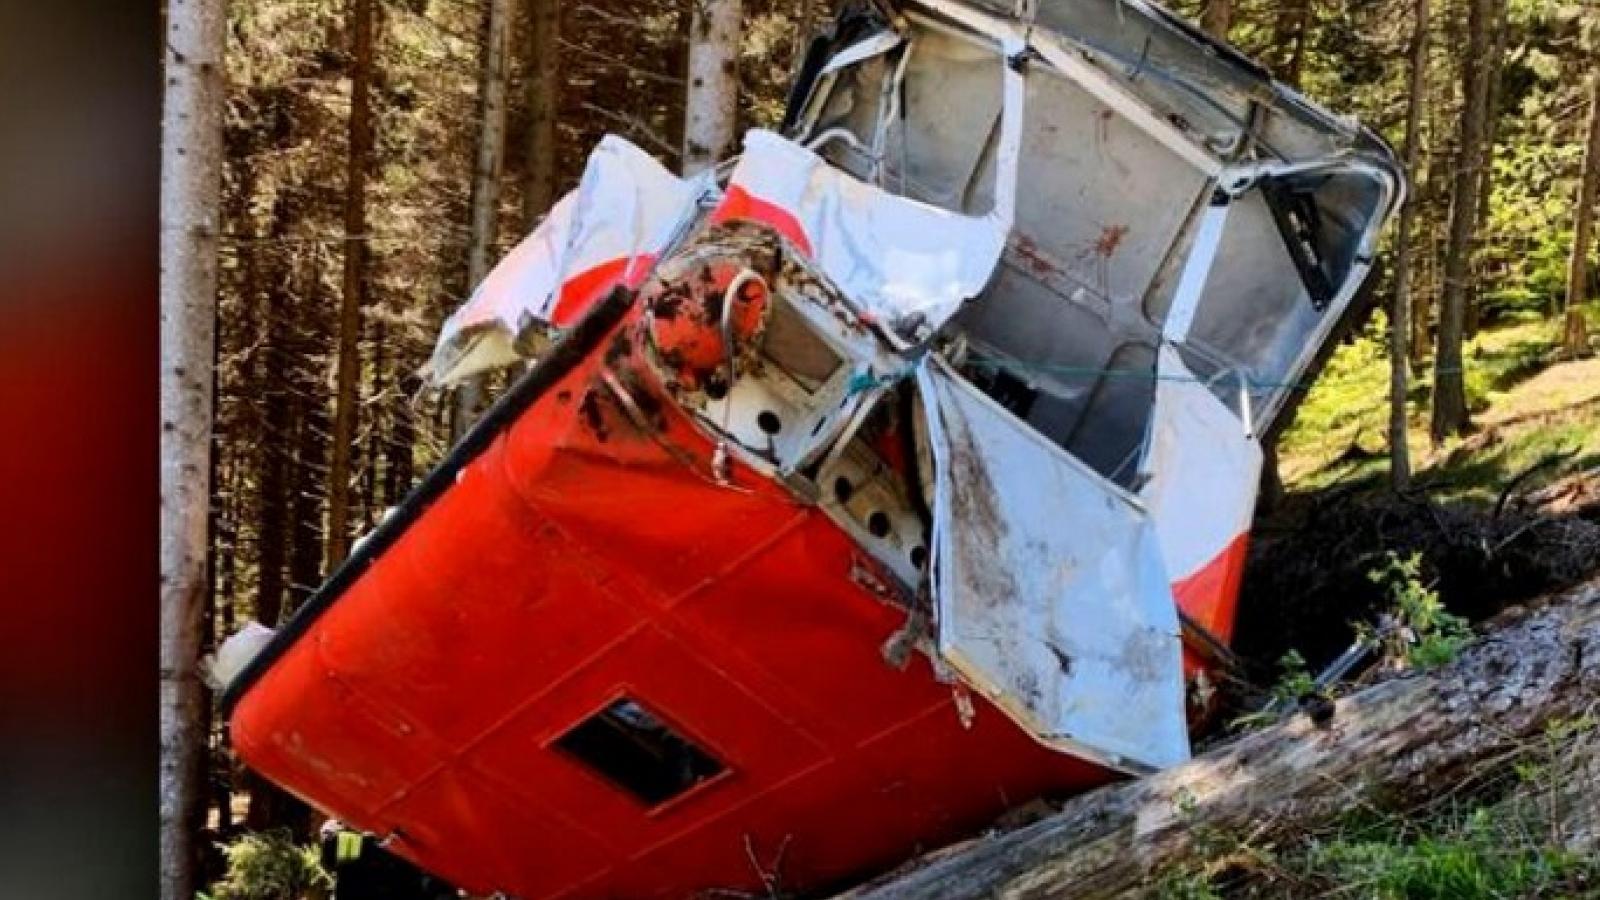 Cabin cáp treo rơi xuống đất, ít nhất 14 người thiệt mạng ở Italy